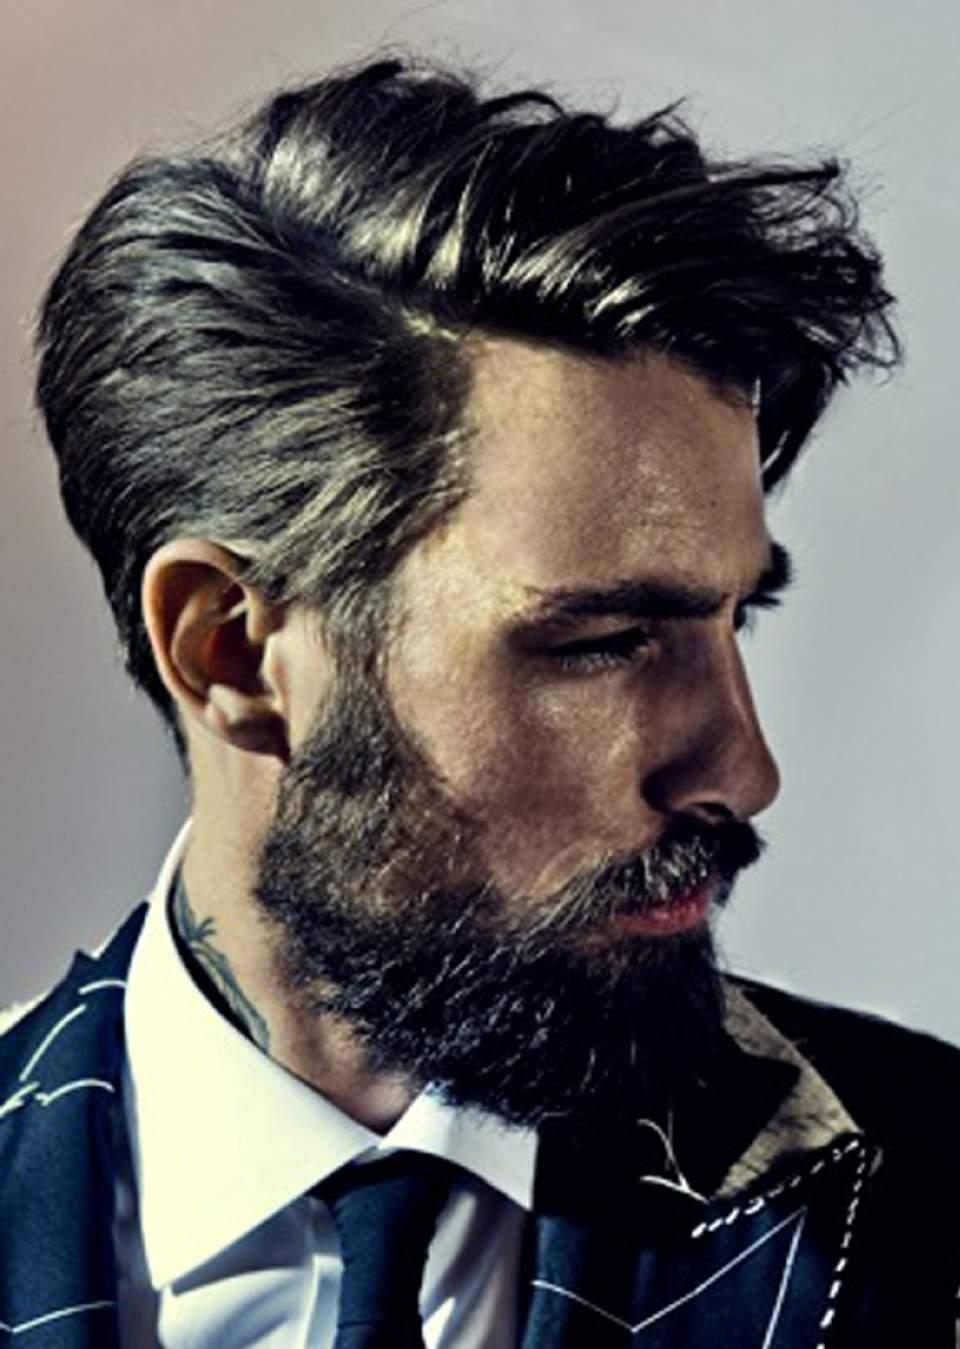 スーツ姿を格上げするヘアスタイル必勝講座。お洒落ビジネスマンは、ヘアスタイルでキメる。 5番目の画像